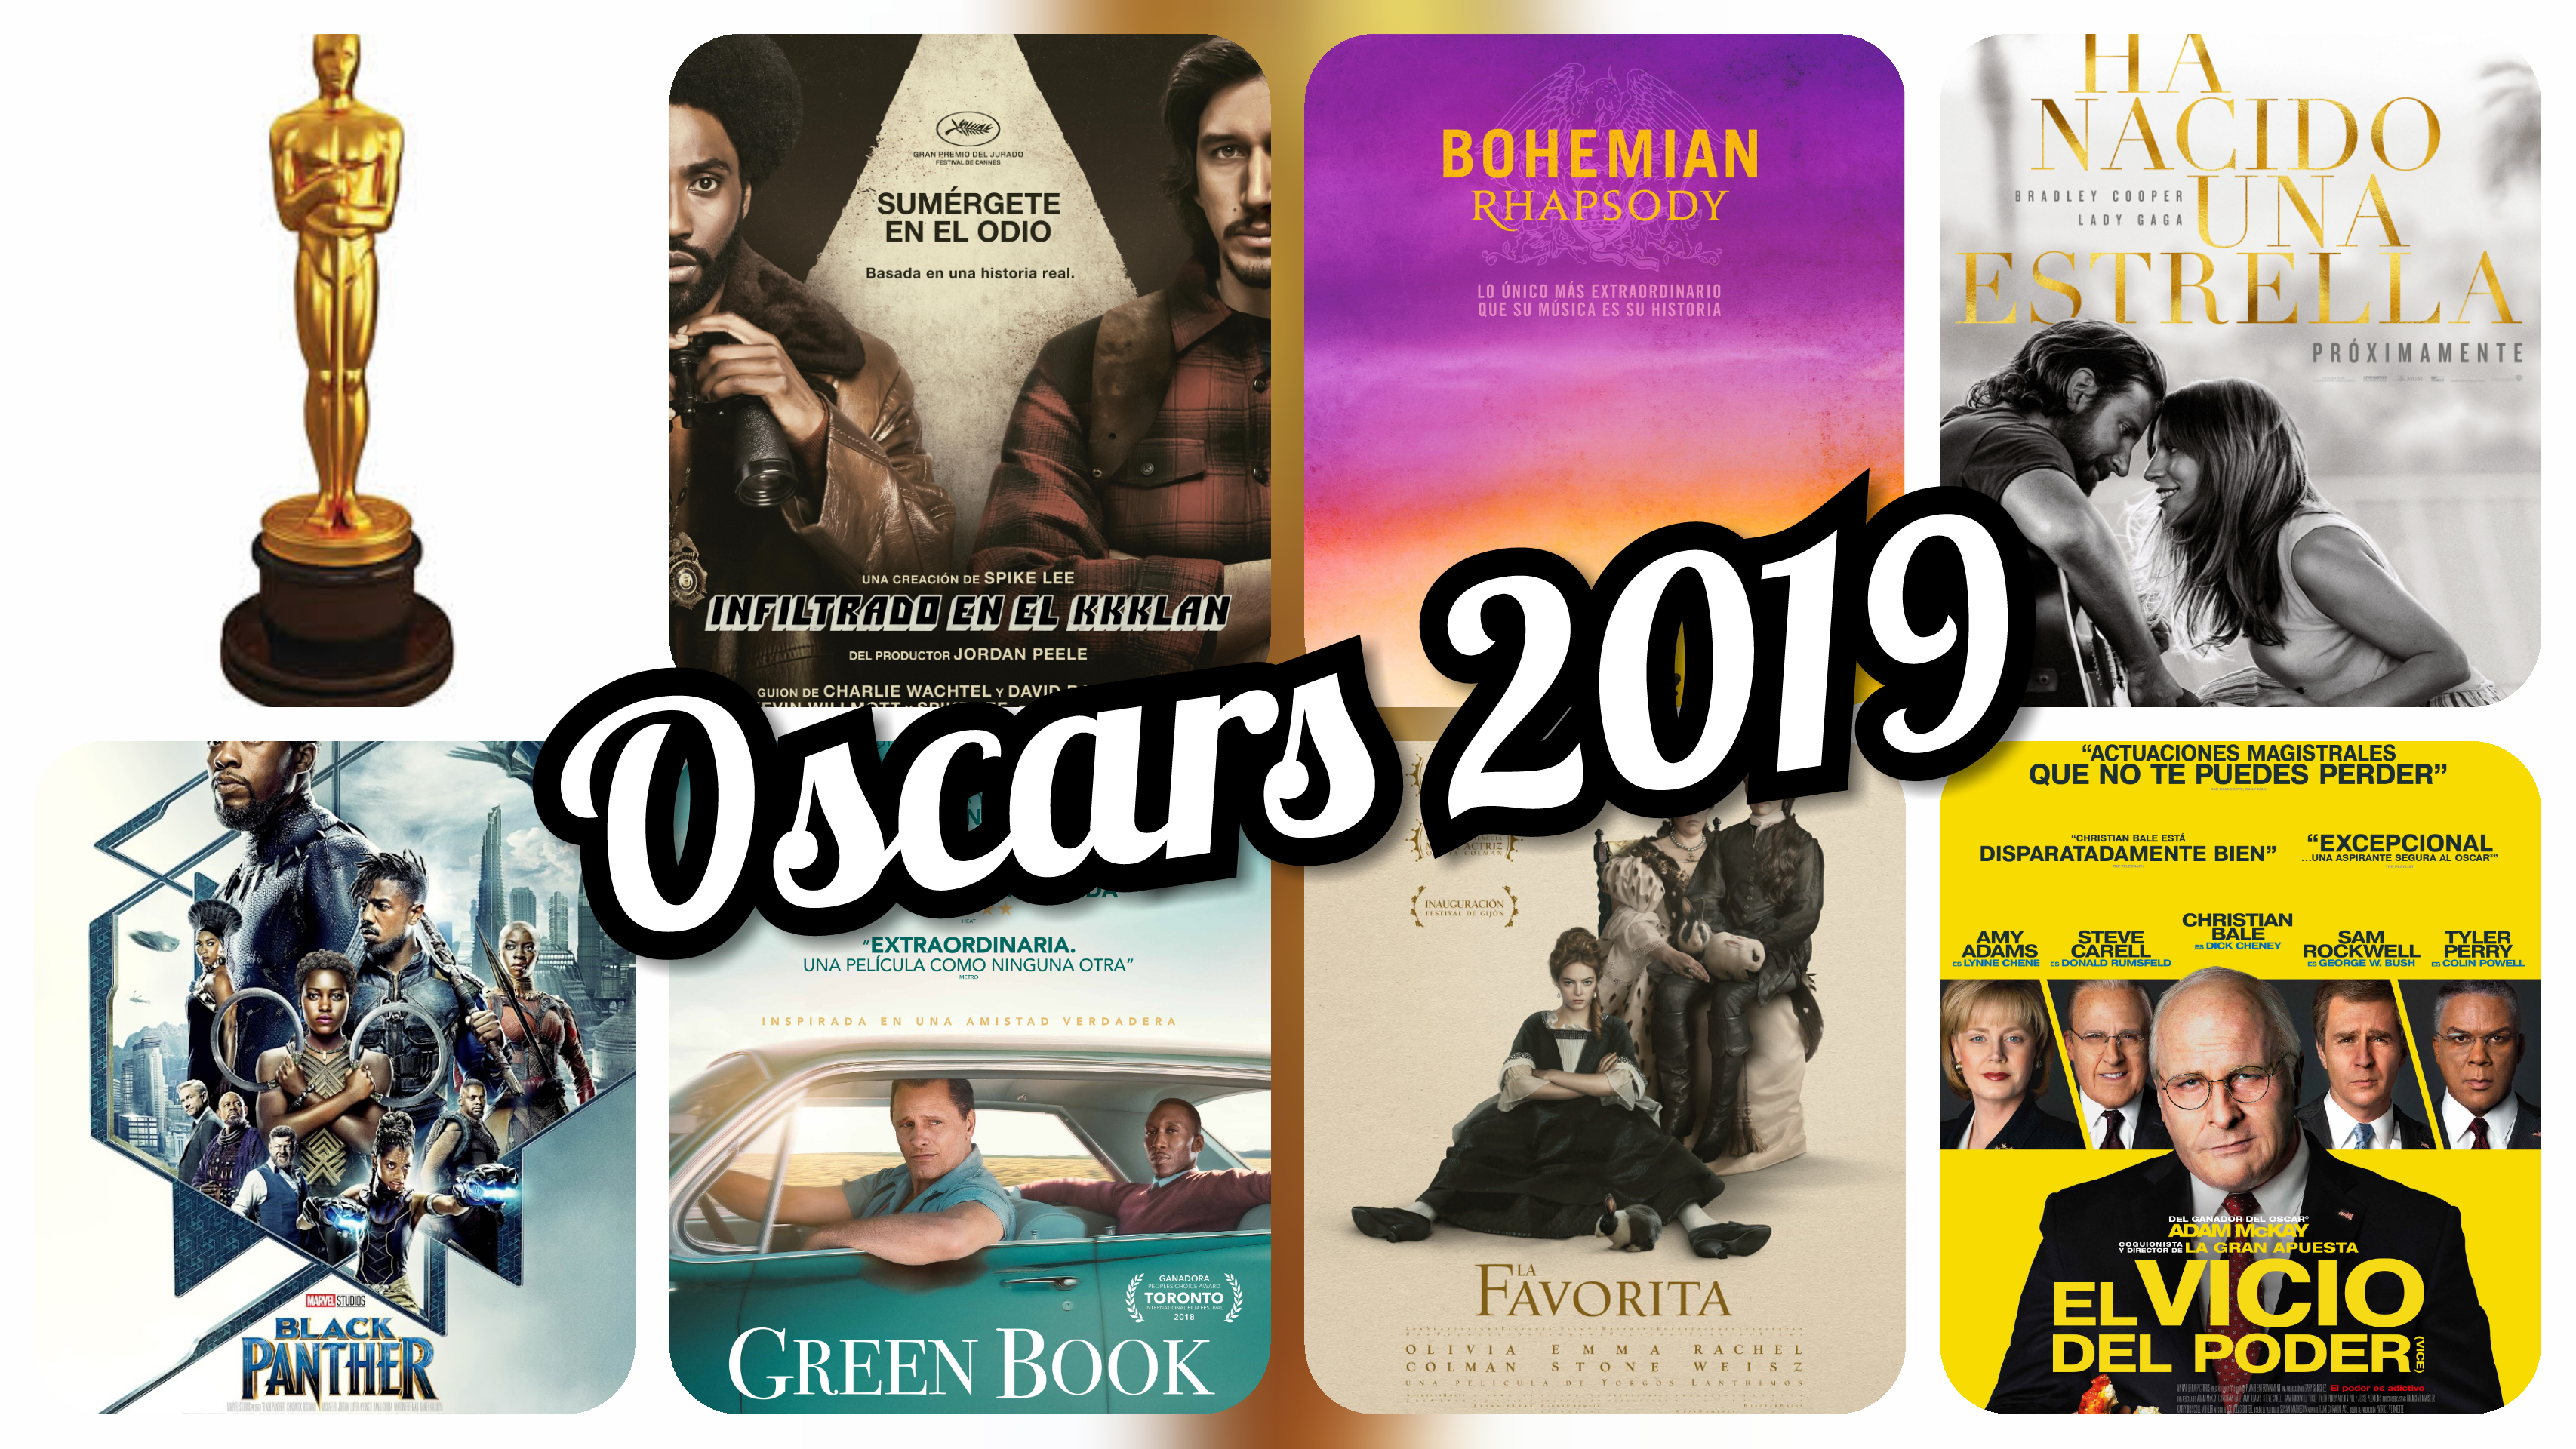 Comportamiento en taquilla de las nominadas a los Oscar